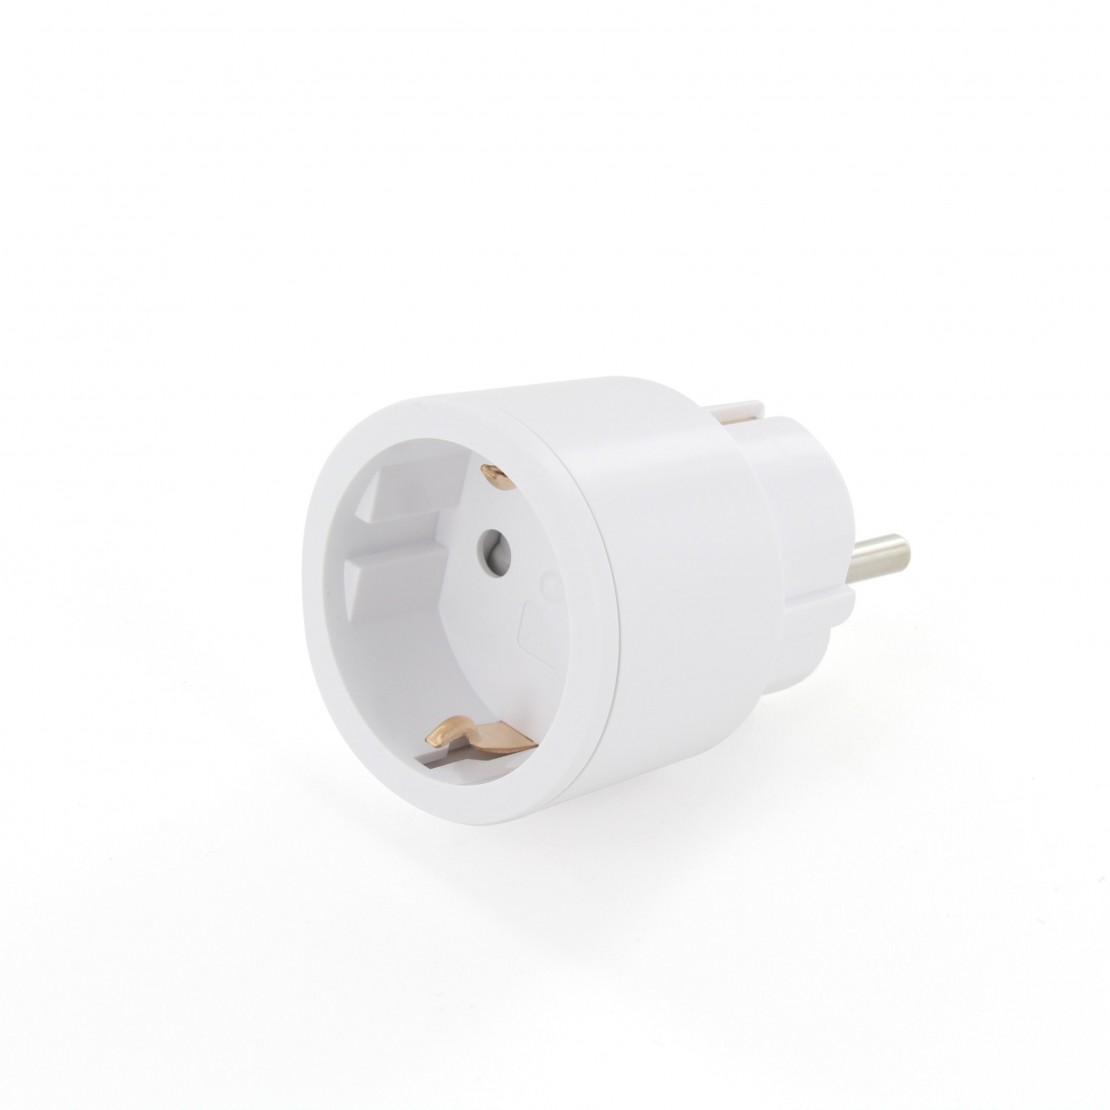 Juego de 4 mini enchufes de encendido//apagado color blanco Chacon 54671 3000 W, incluye mando a distancia